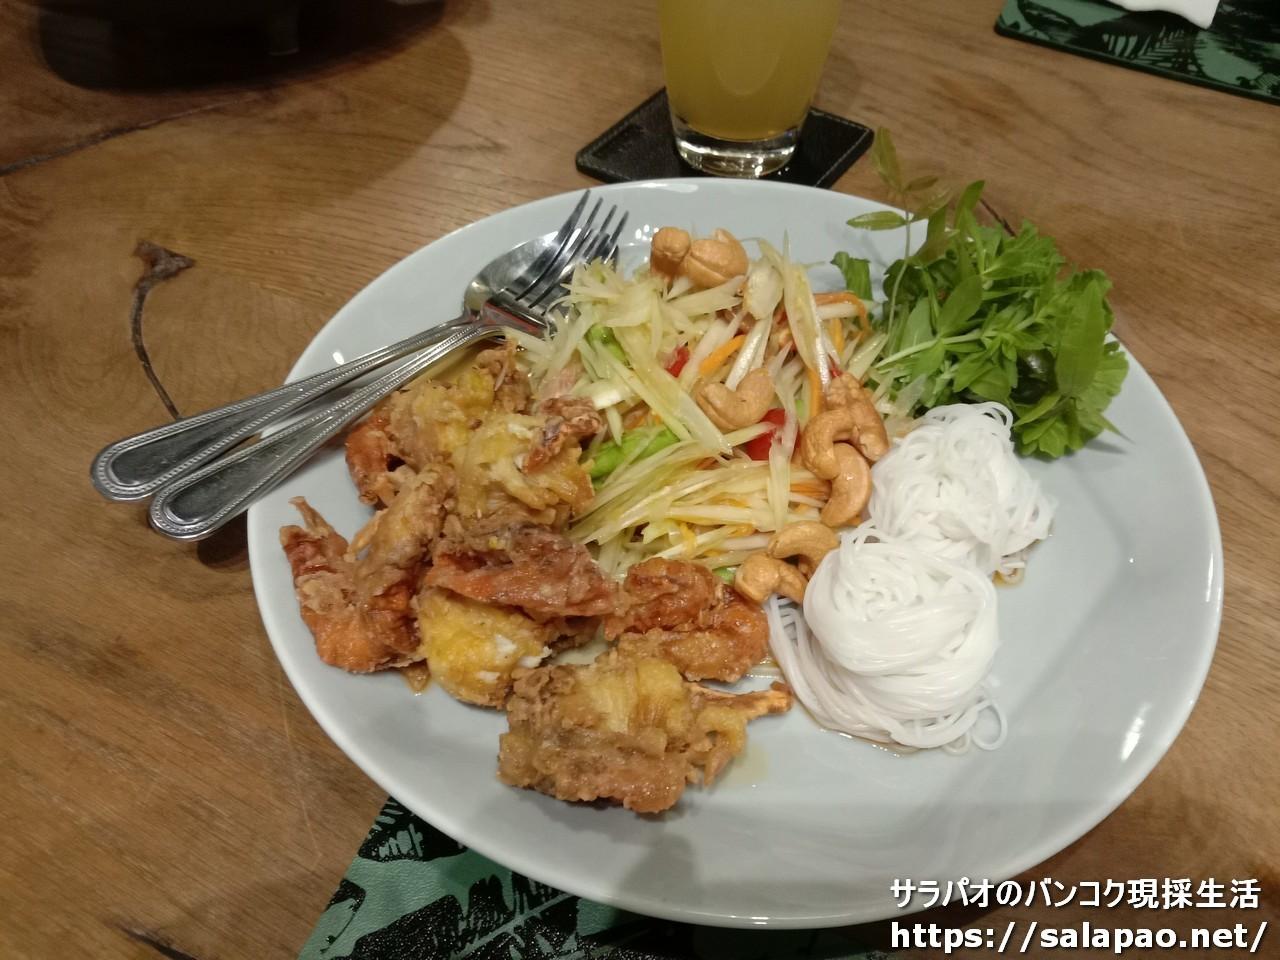 【閉店】キアオ・カイガーは優しい味付けの高級タイ料理店 in ペチャブリ